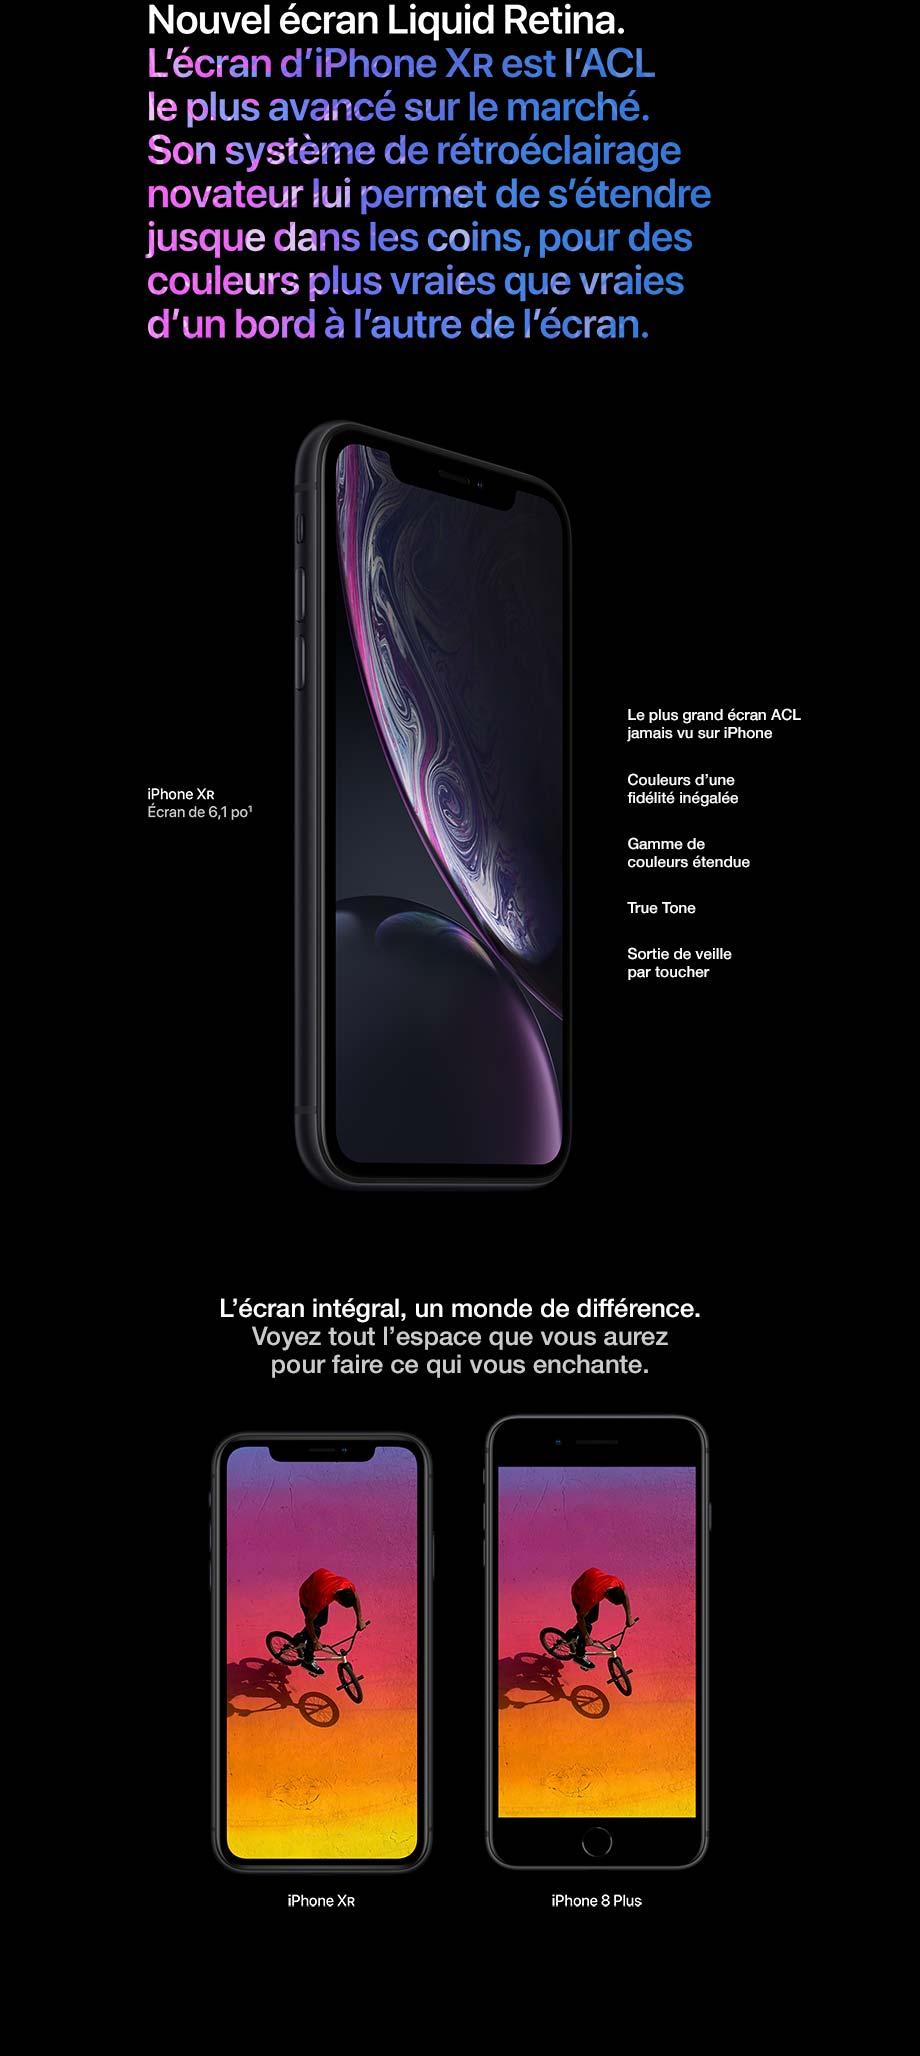 L'écran d'iPhone XR est l'ACL le plus avancé sur le marché